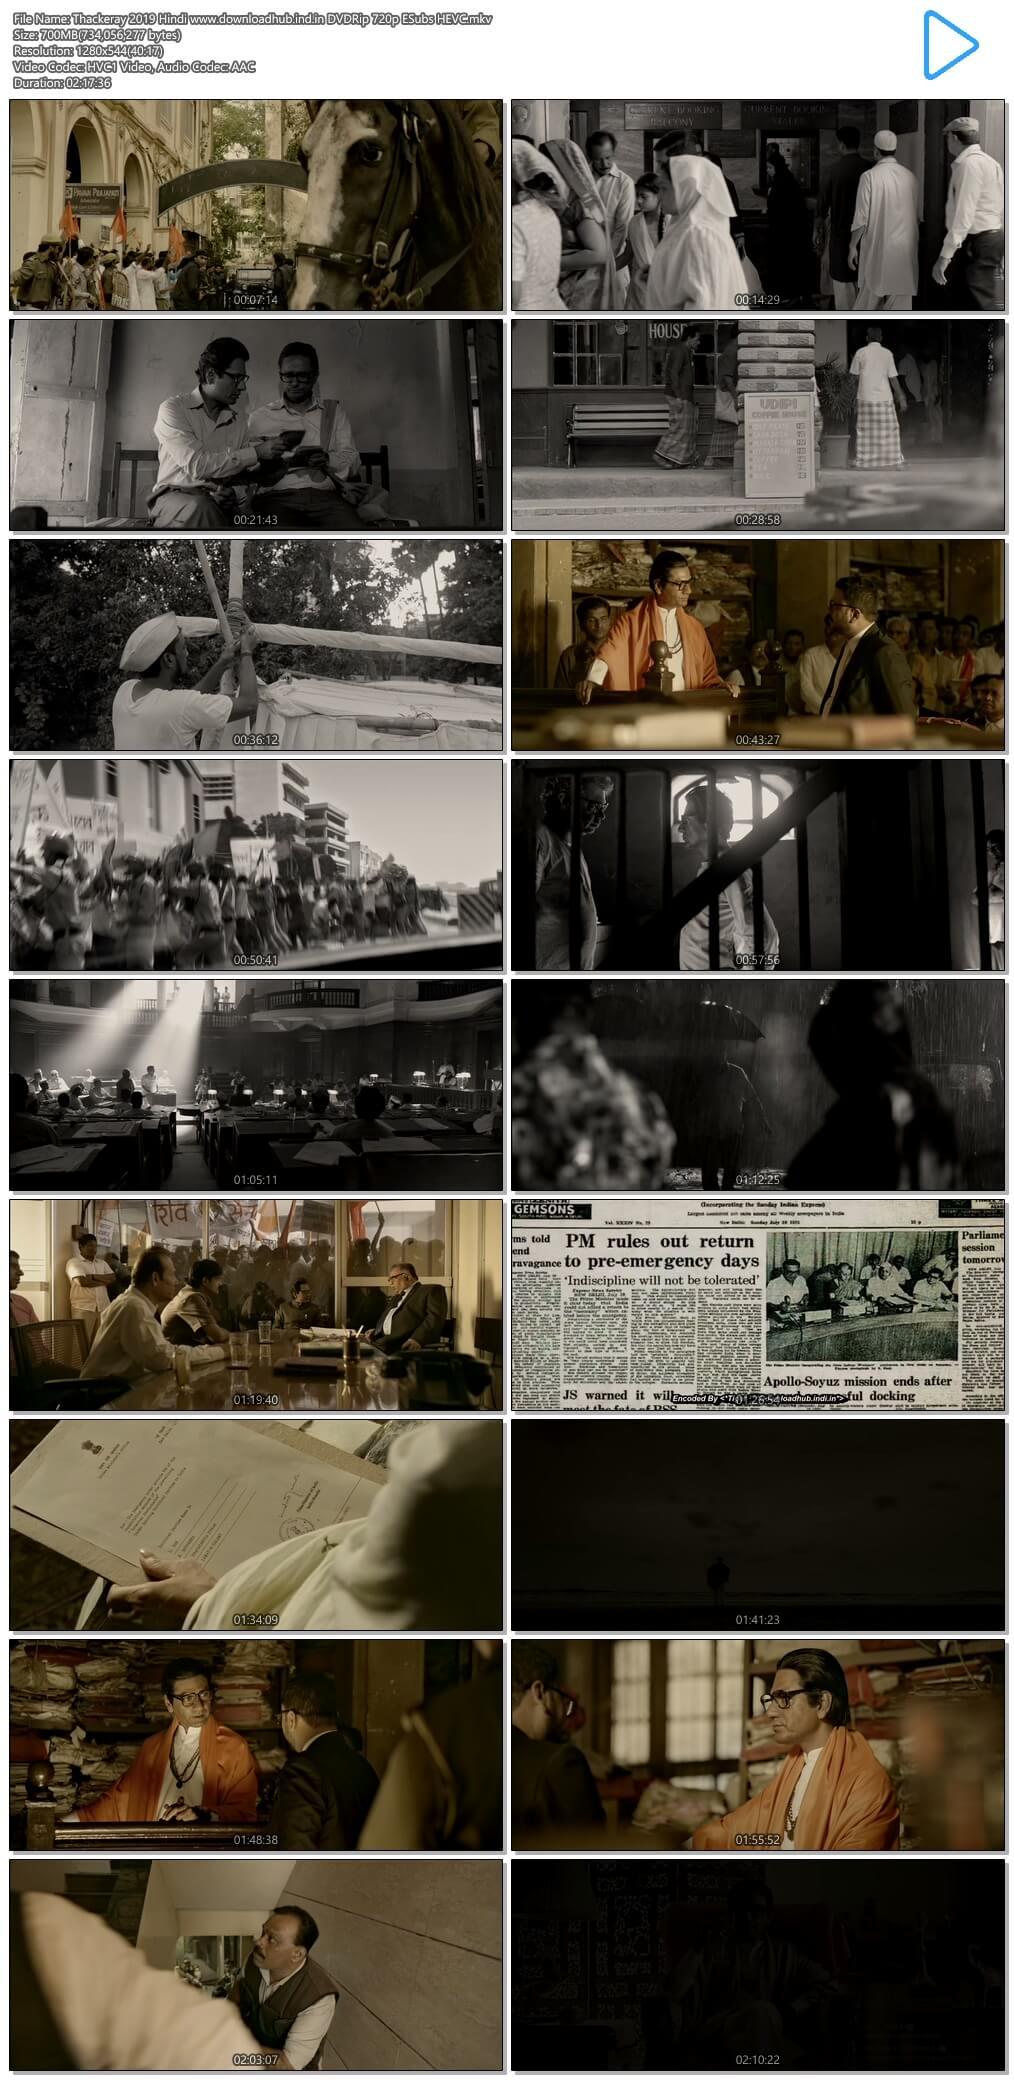 Thackeray 2019 Hindi 700MB DVDRip 720p ESubs HEVC